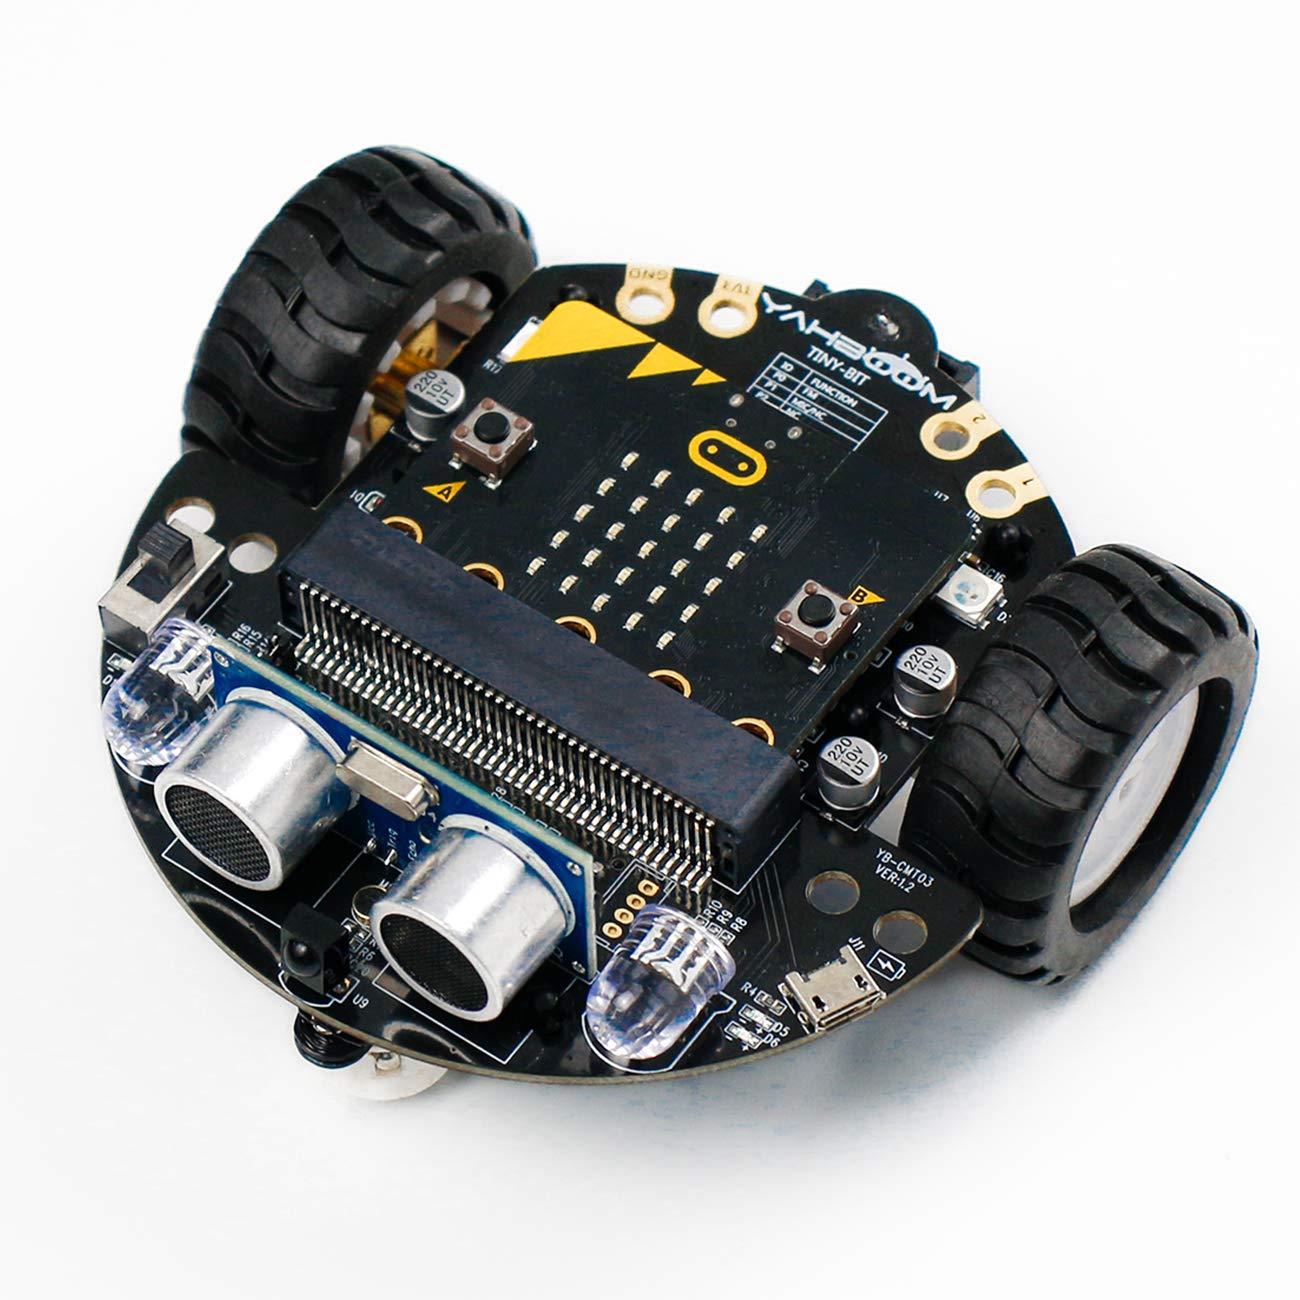 Robot Educativo para armar y programar en Microbit Yahboom